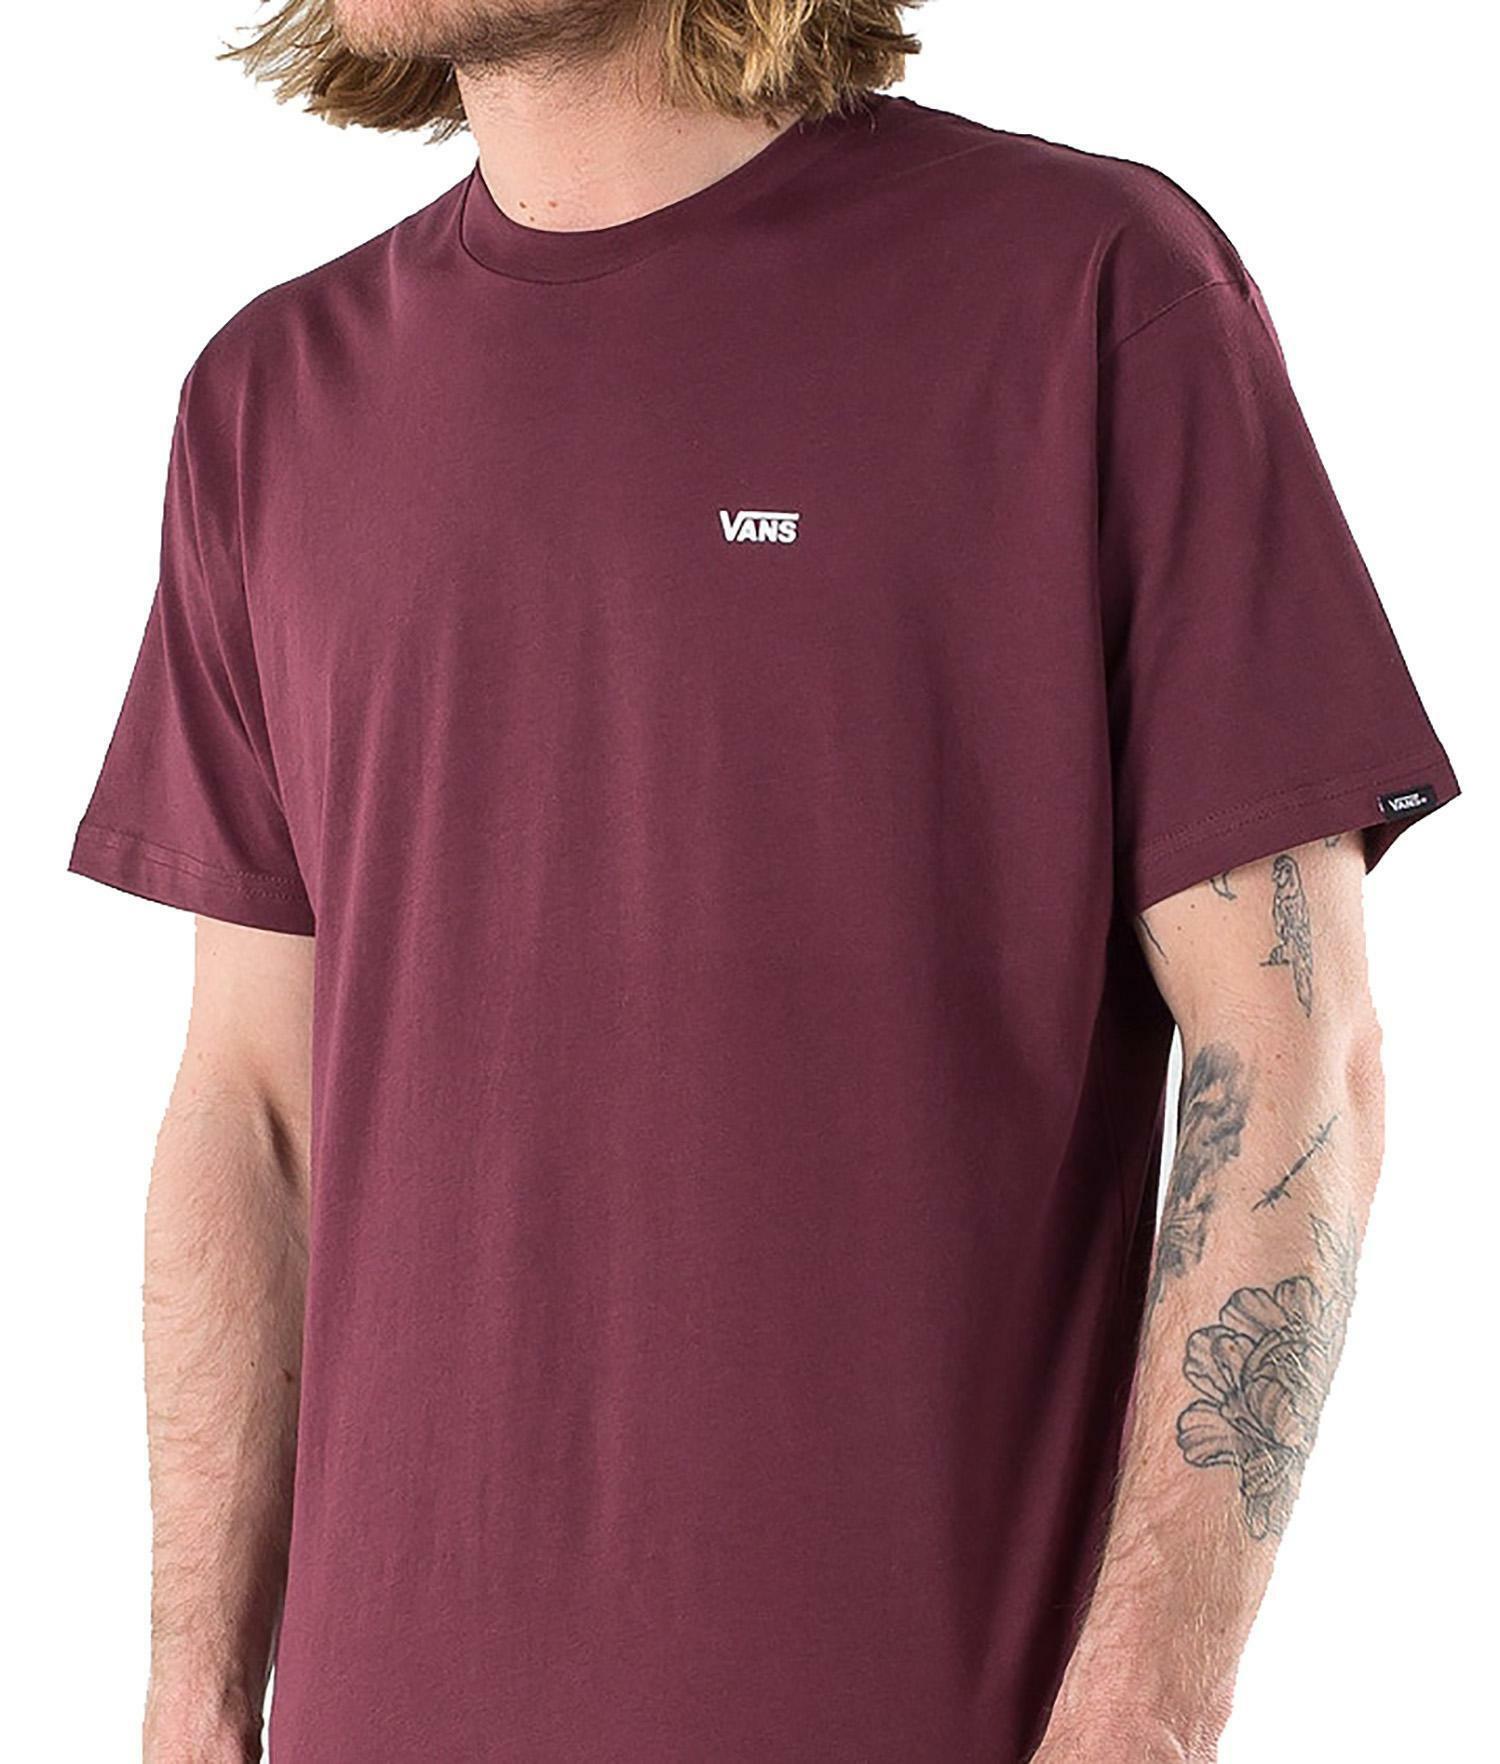 Vans t-shirt vans left chest logo p vn0a54tf1oa uomo bordeaux